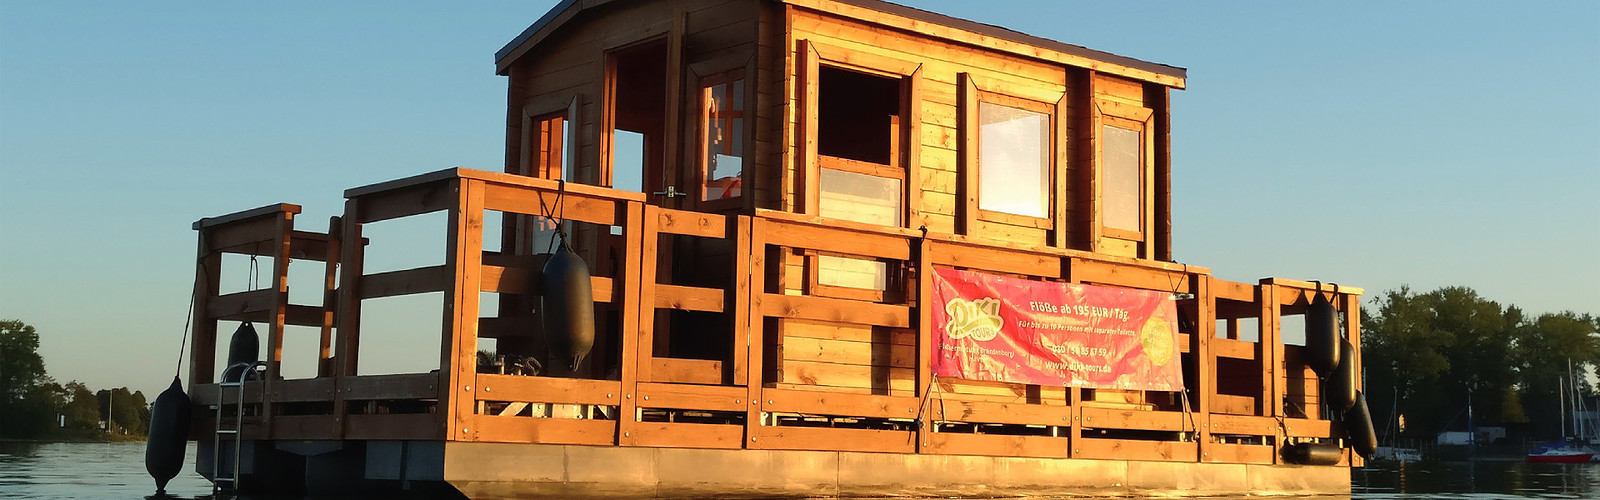 Diki raft Typ 4 - sunset (c) Diki Tours GmbH Sandra Robinson